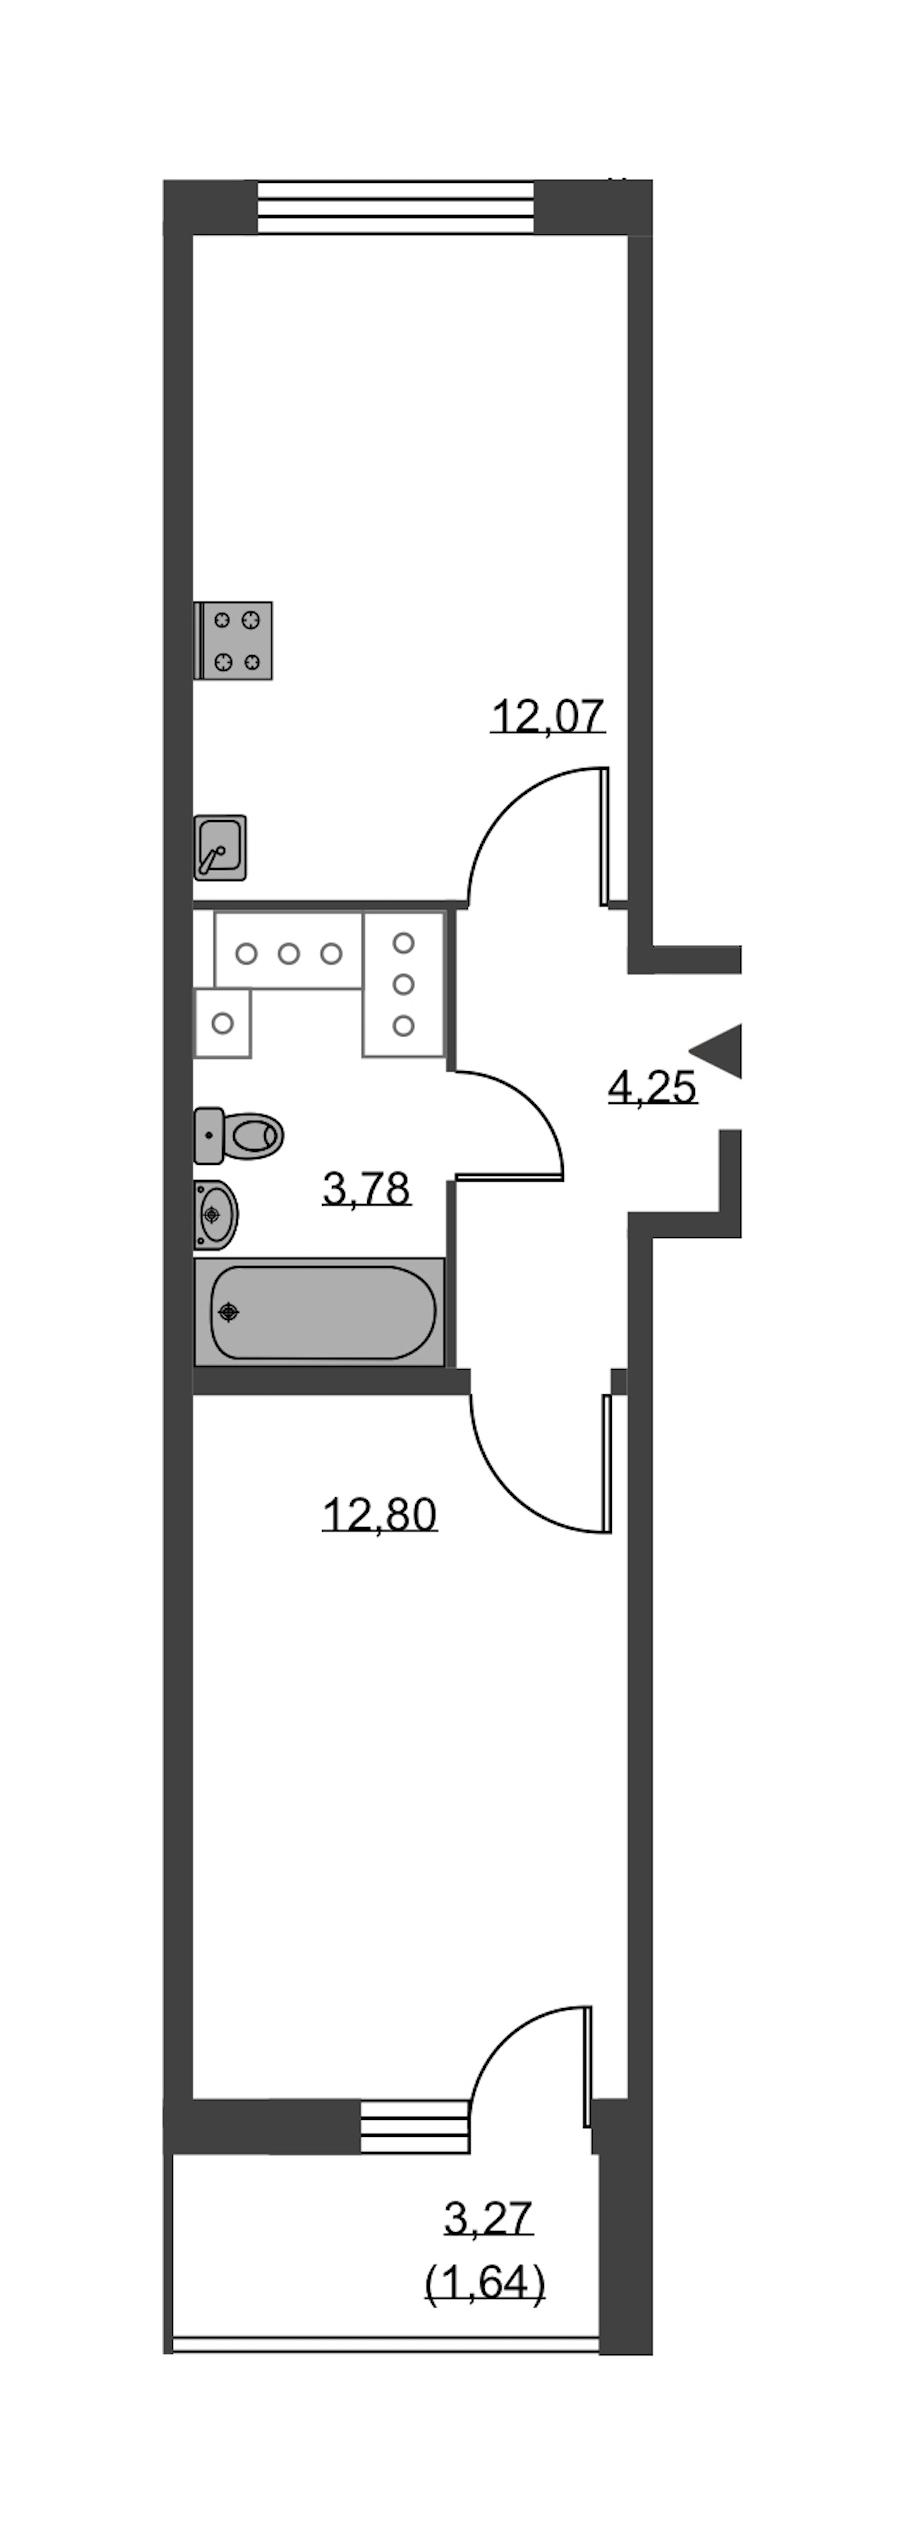 1-комнатная 35 м<sup>2</sup> на 23 этаже